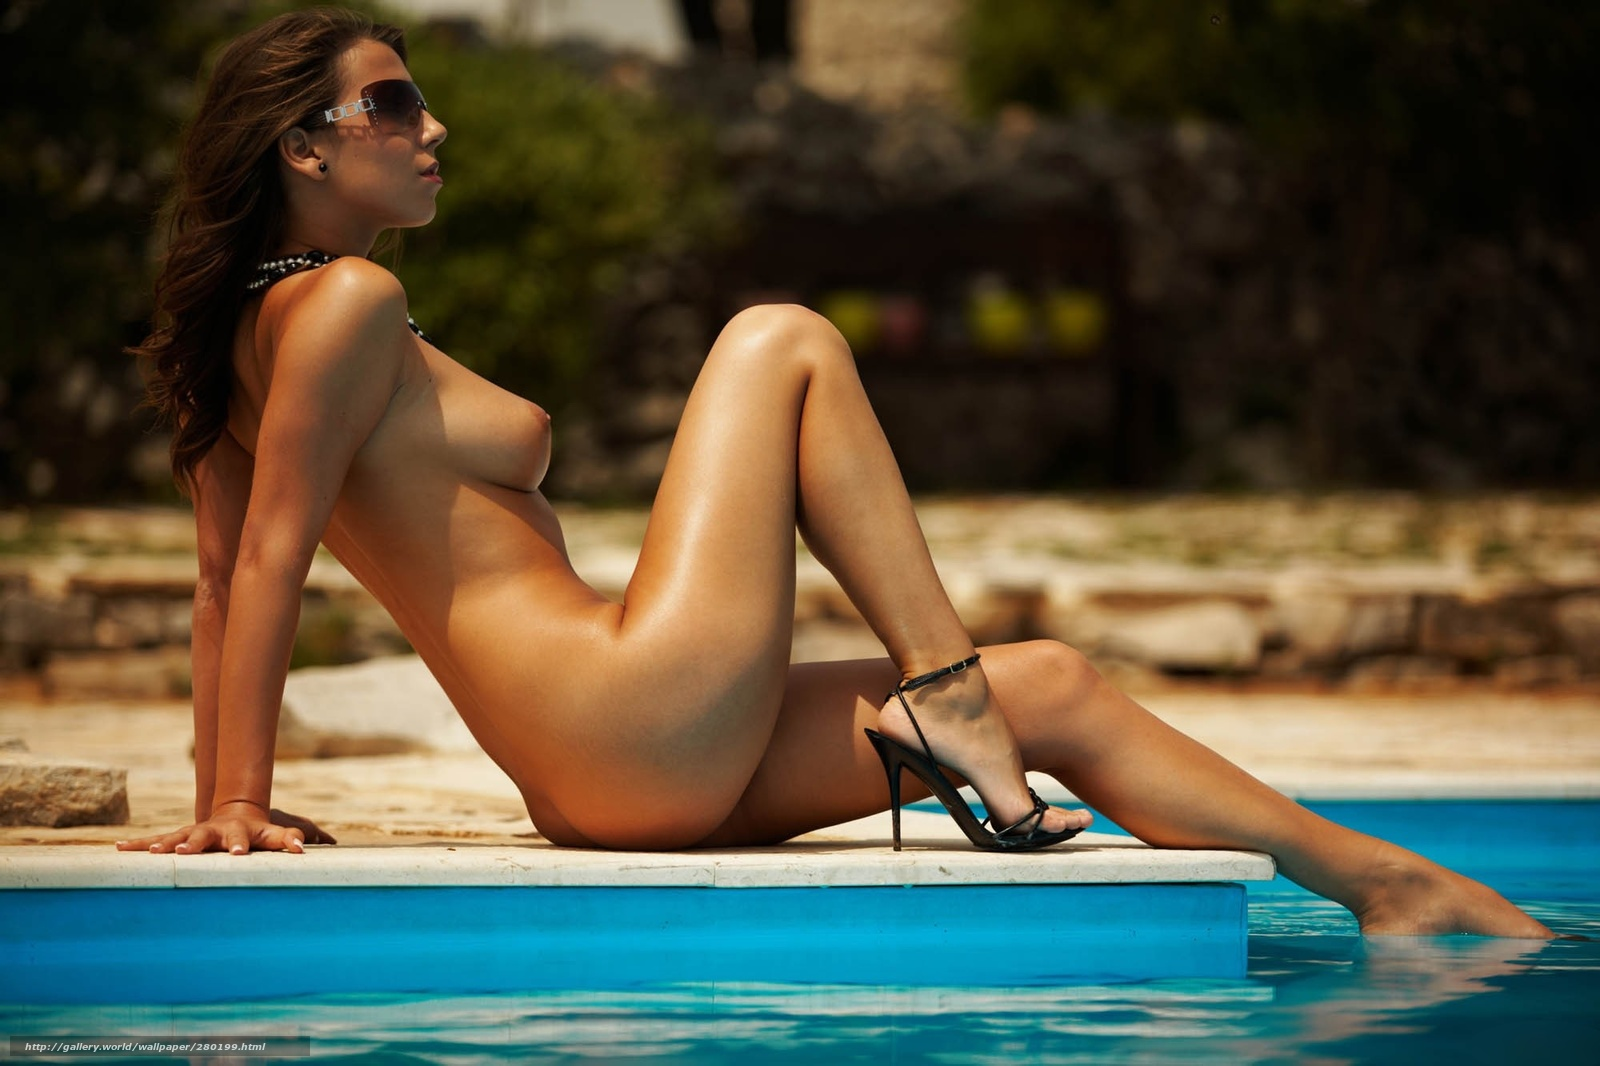 Фото голых девушек на высоченных каблуках 19 фотография